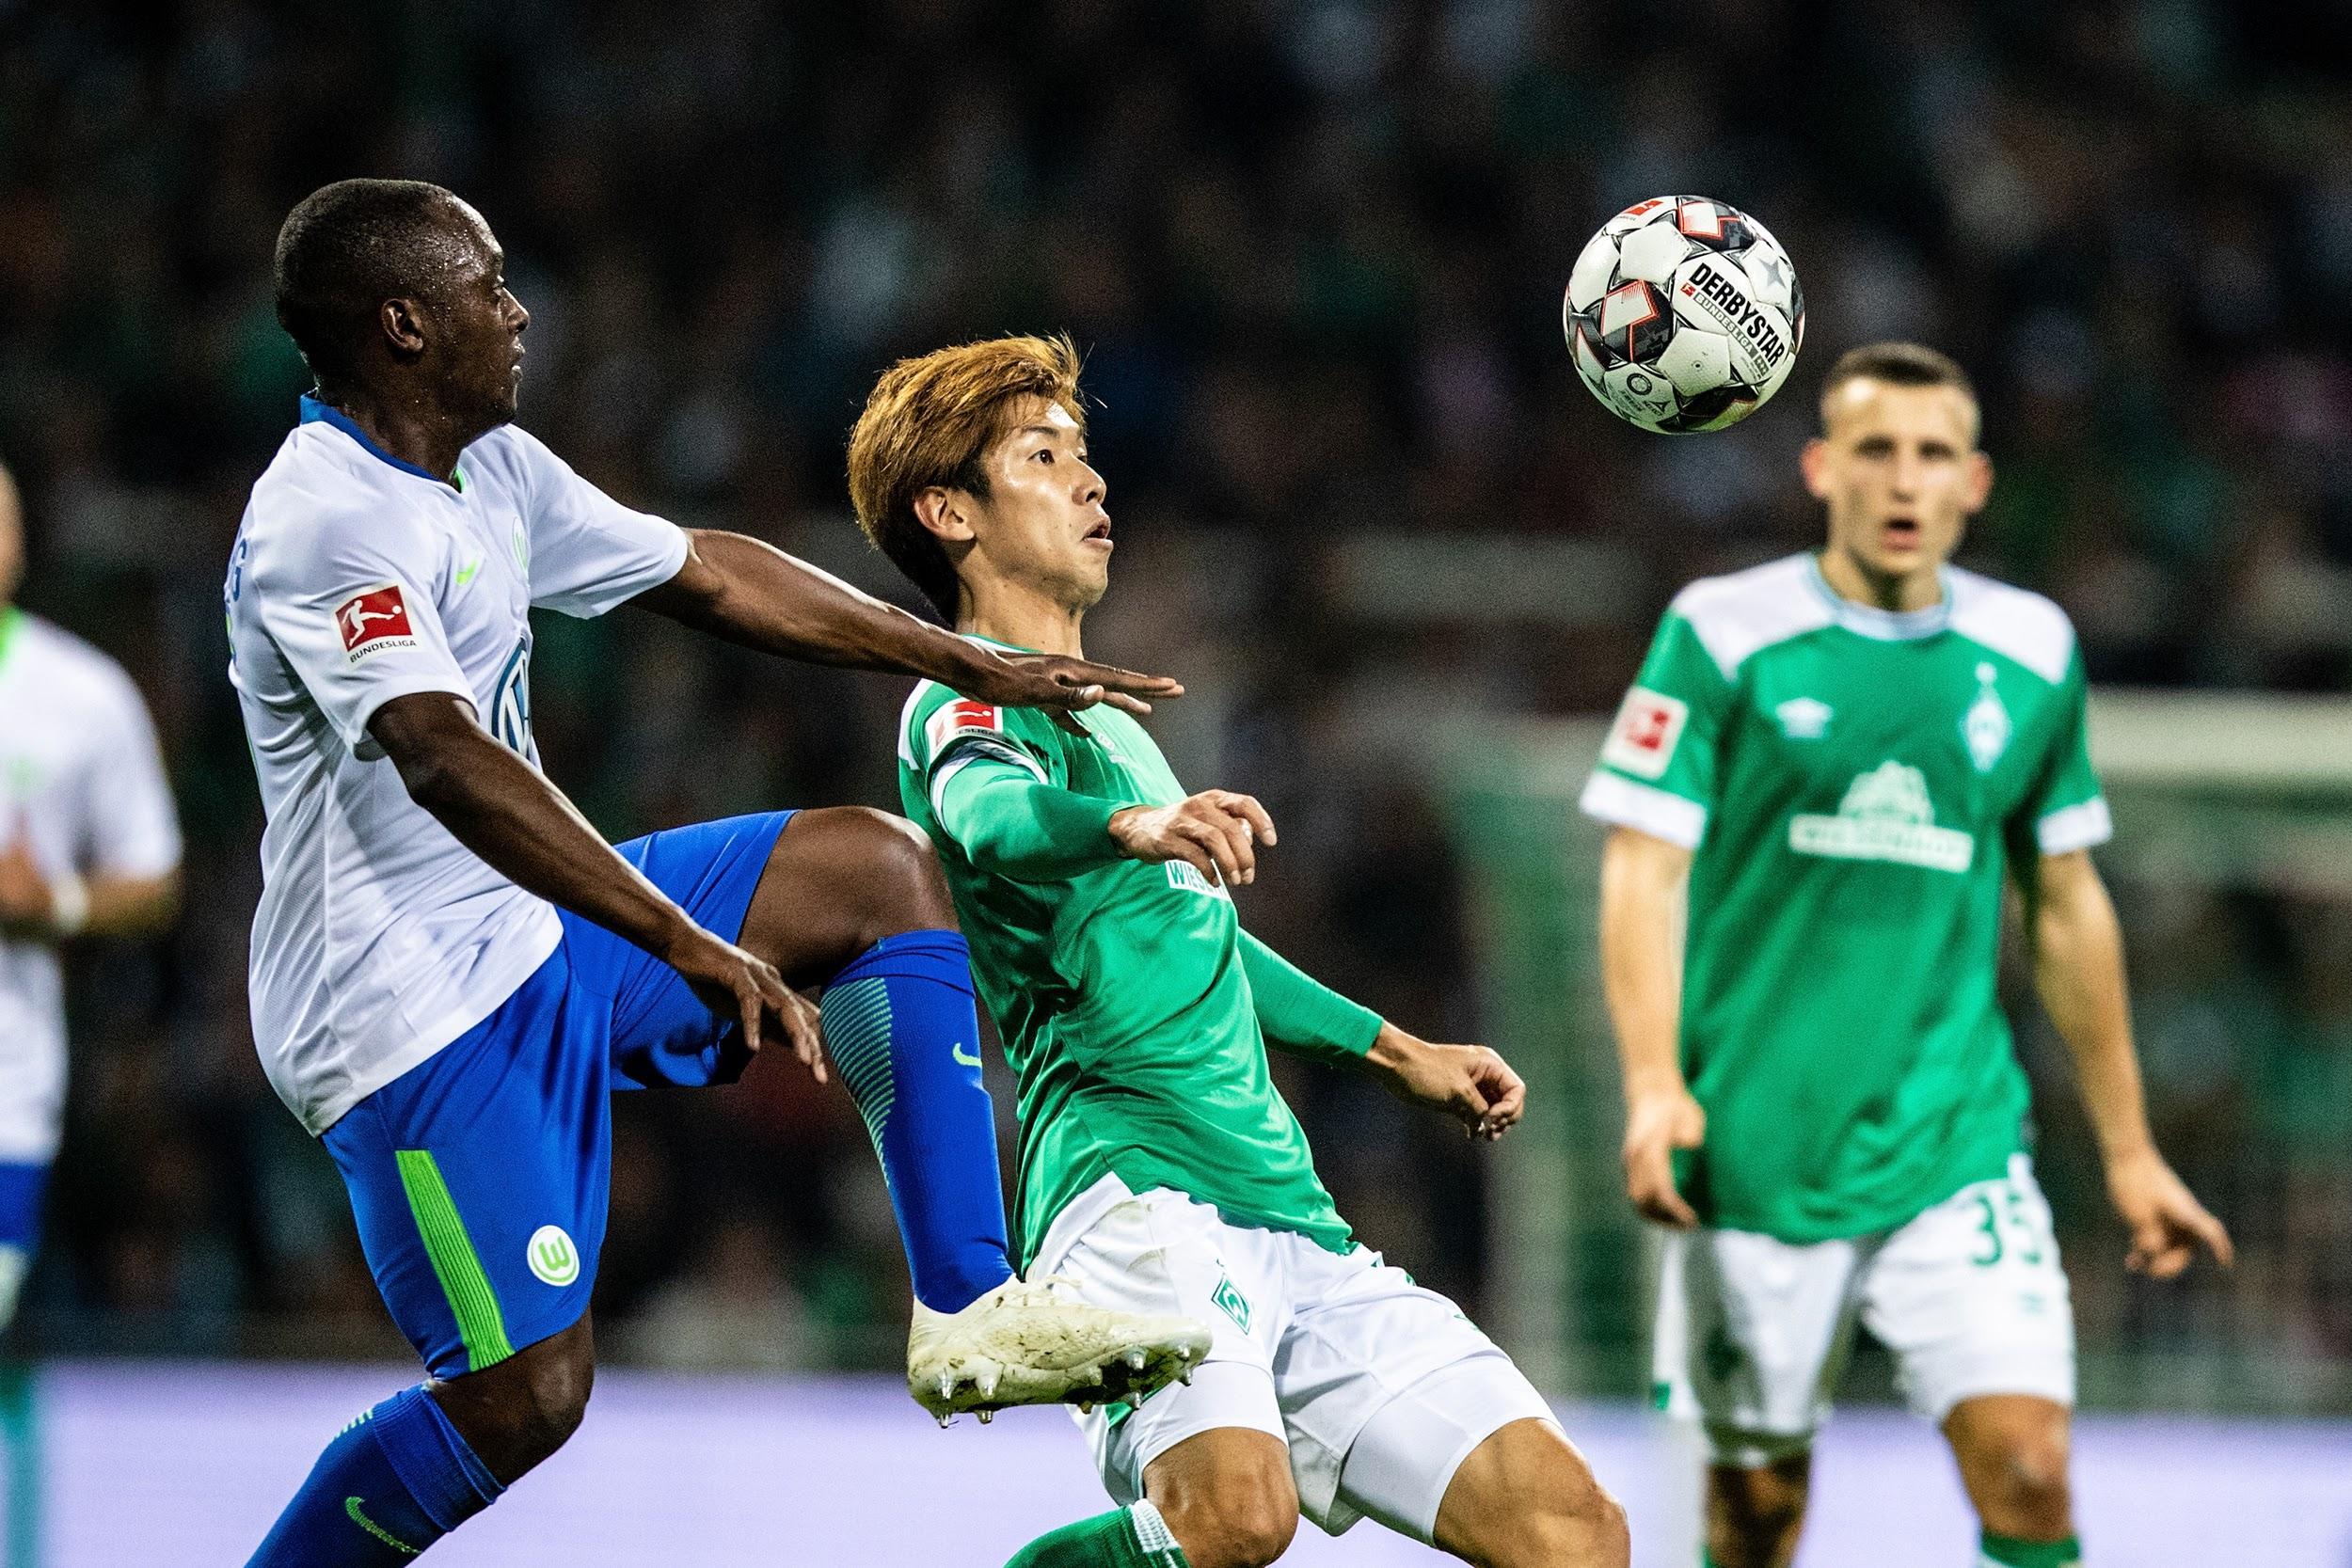 Những ngôi sao châu Á ở Bundesliga - phần 1 - Bóng Đá